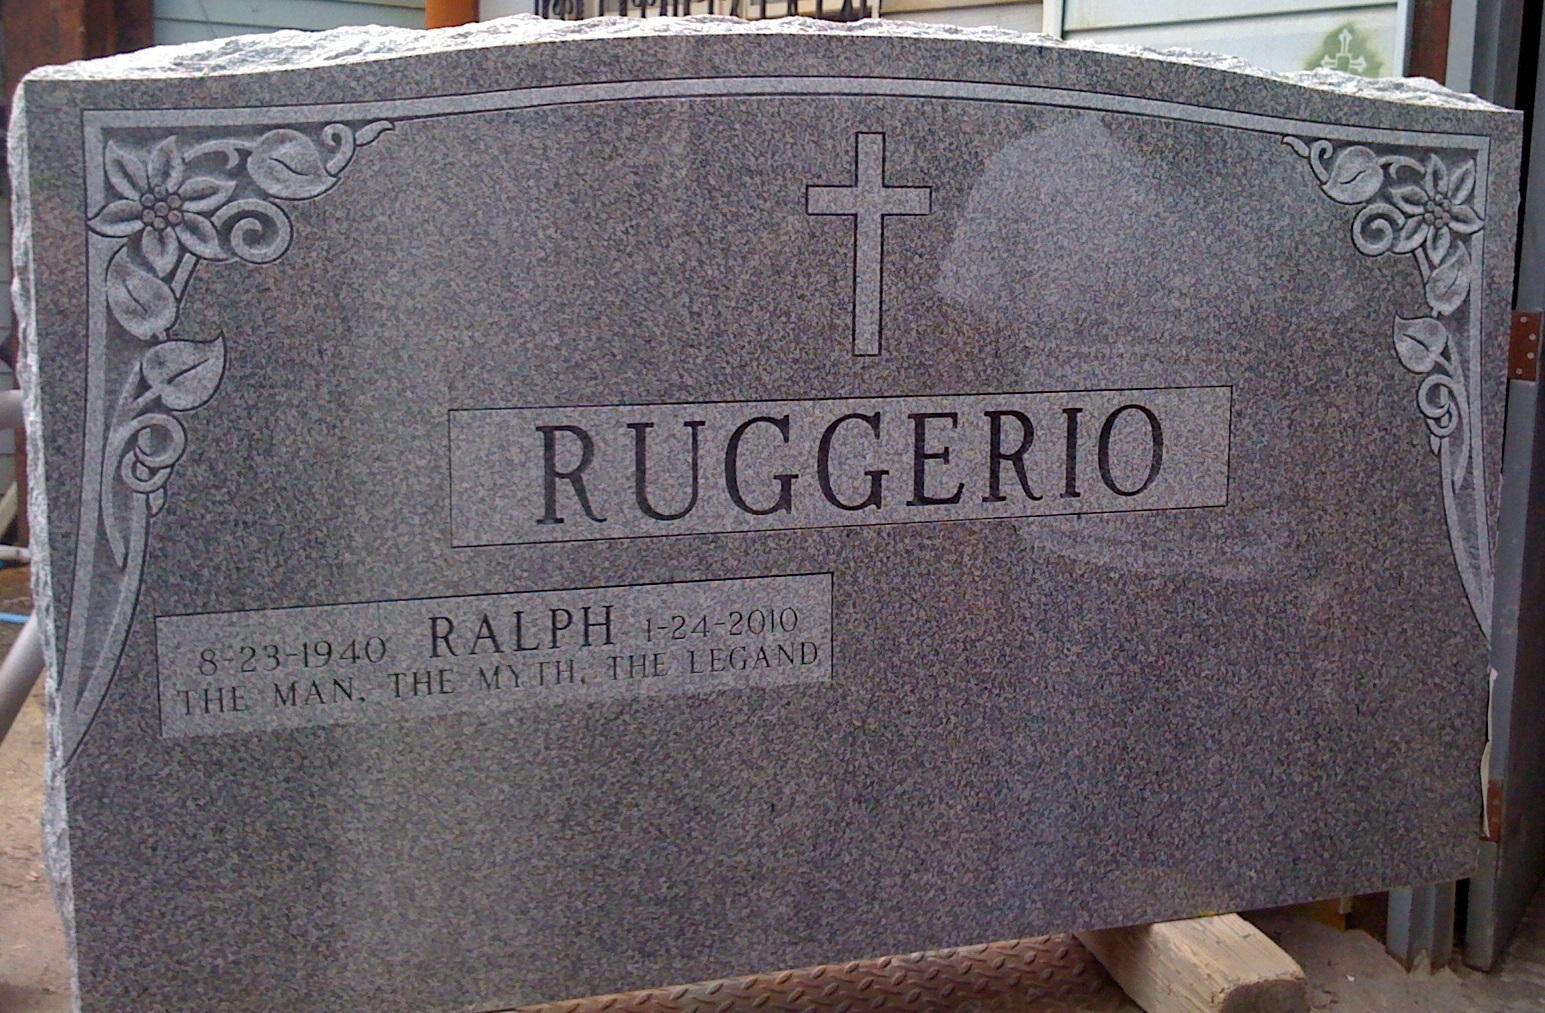 R. Ruggerio